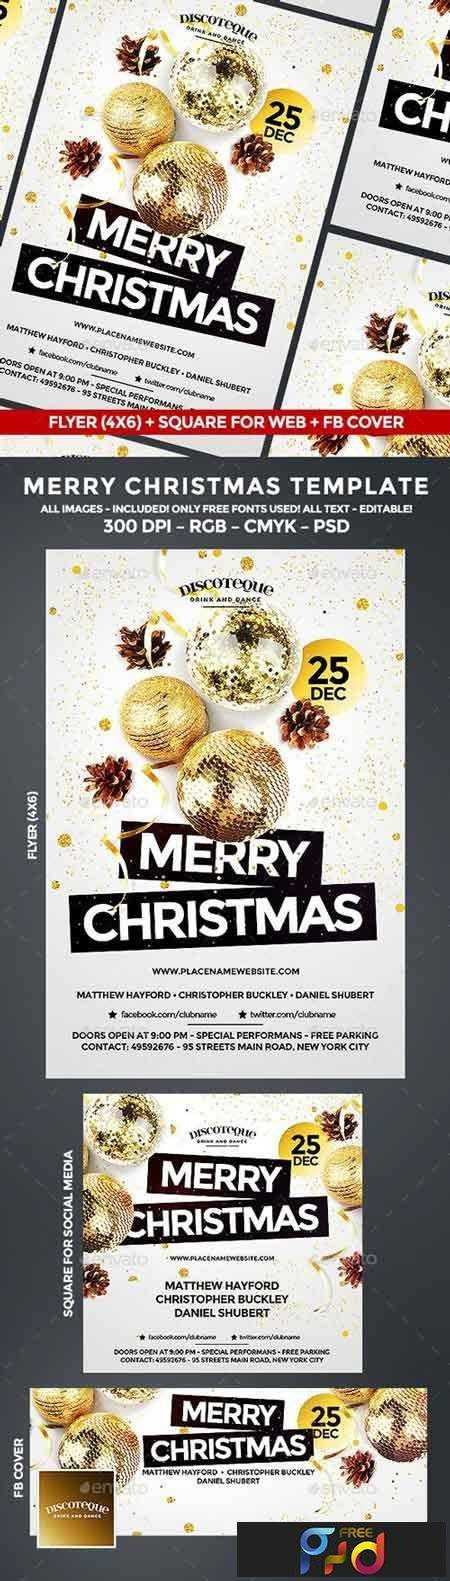 freepsdvn-com_1481247163_christmas-18559473